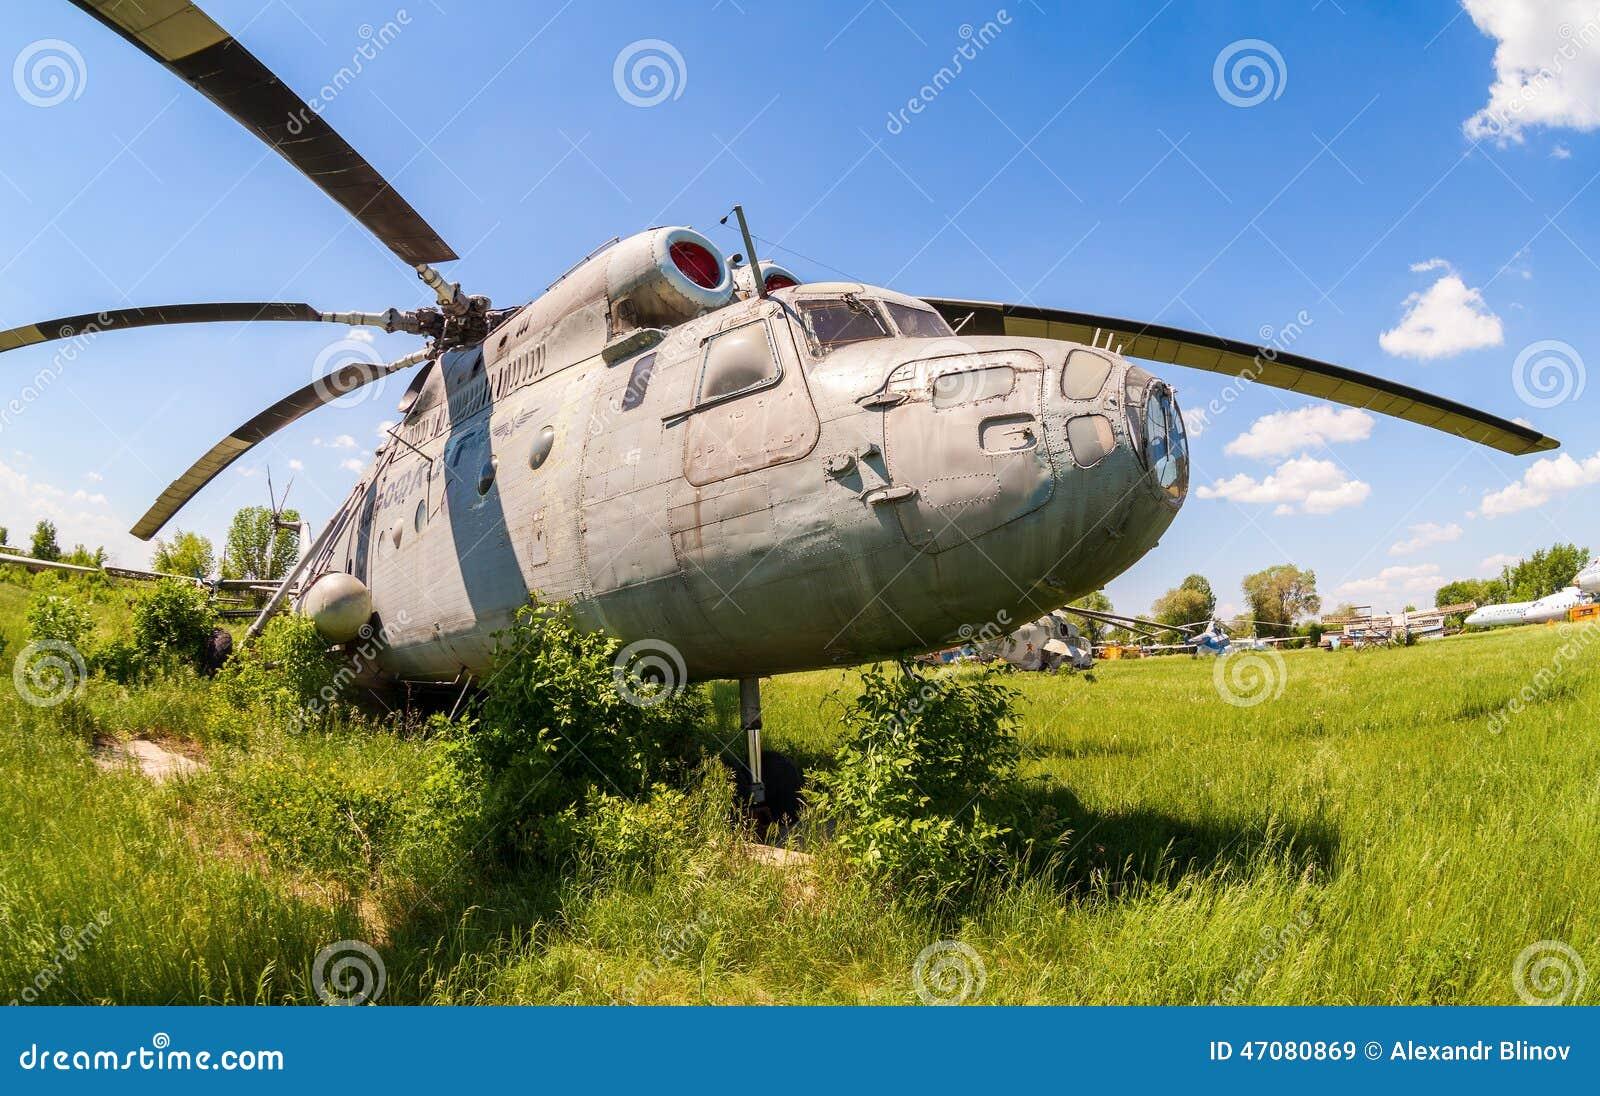 Elicottero Russo : L elicottero pesante russo mi di trasporto immagine